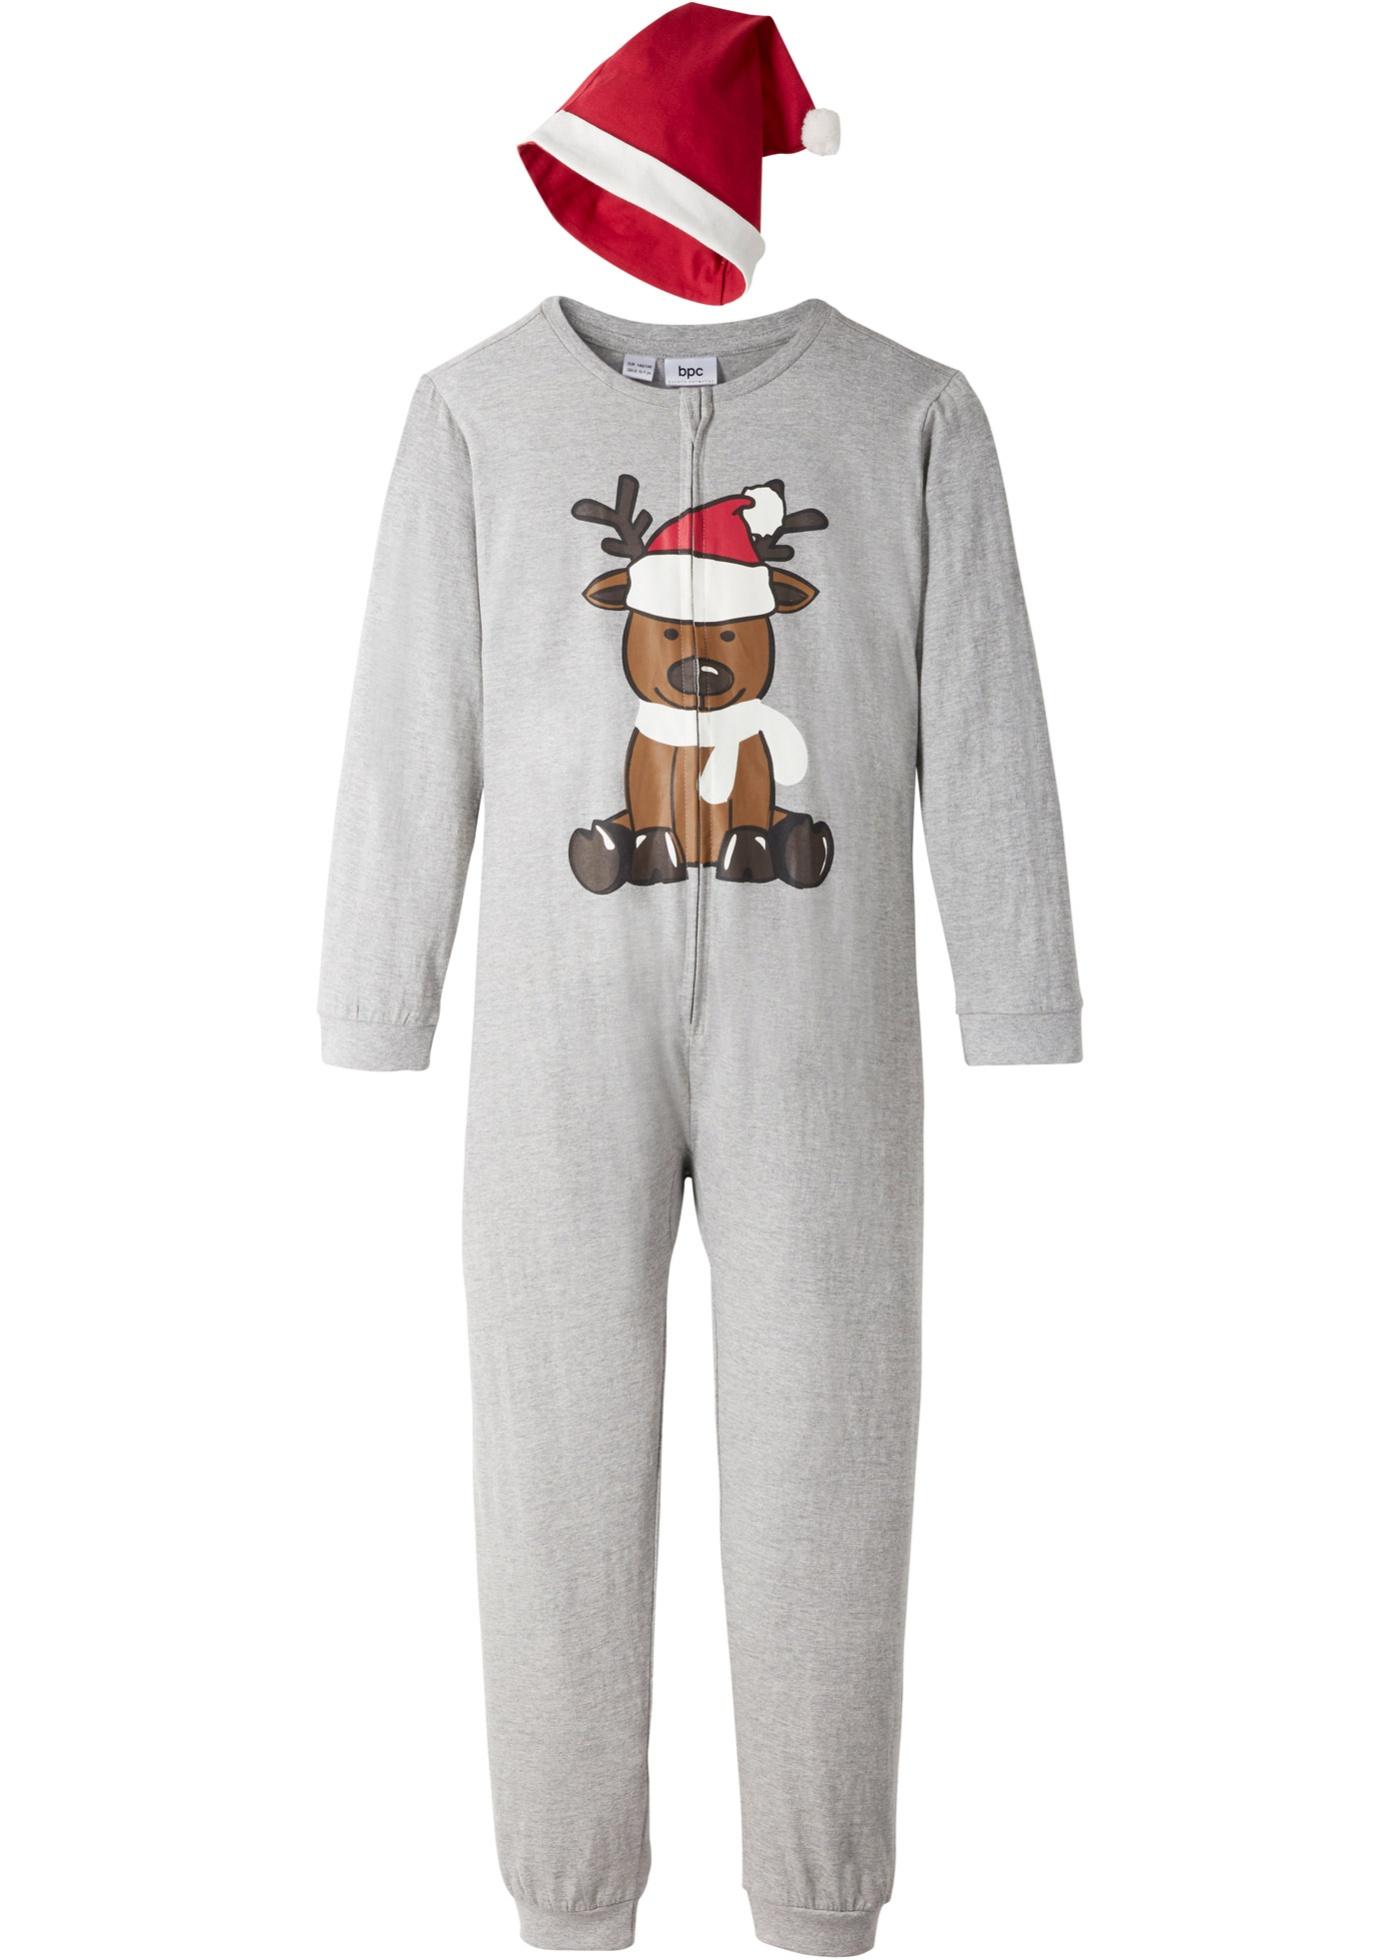 Combipyjama enfant + bonnet de Noël (Ens. 2 pces.)